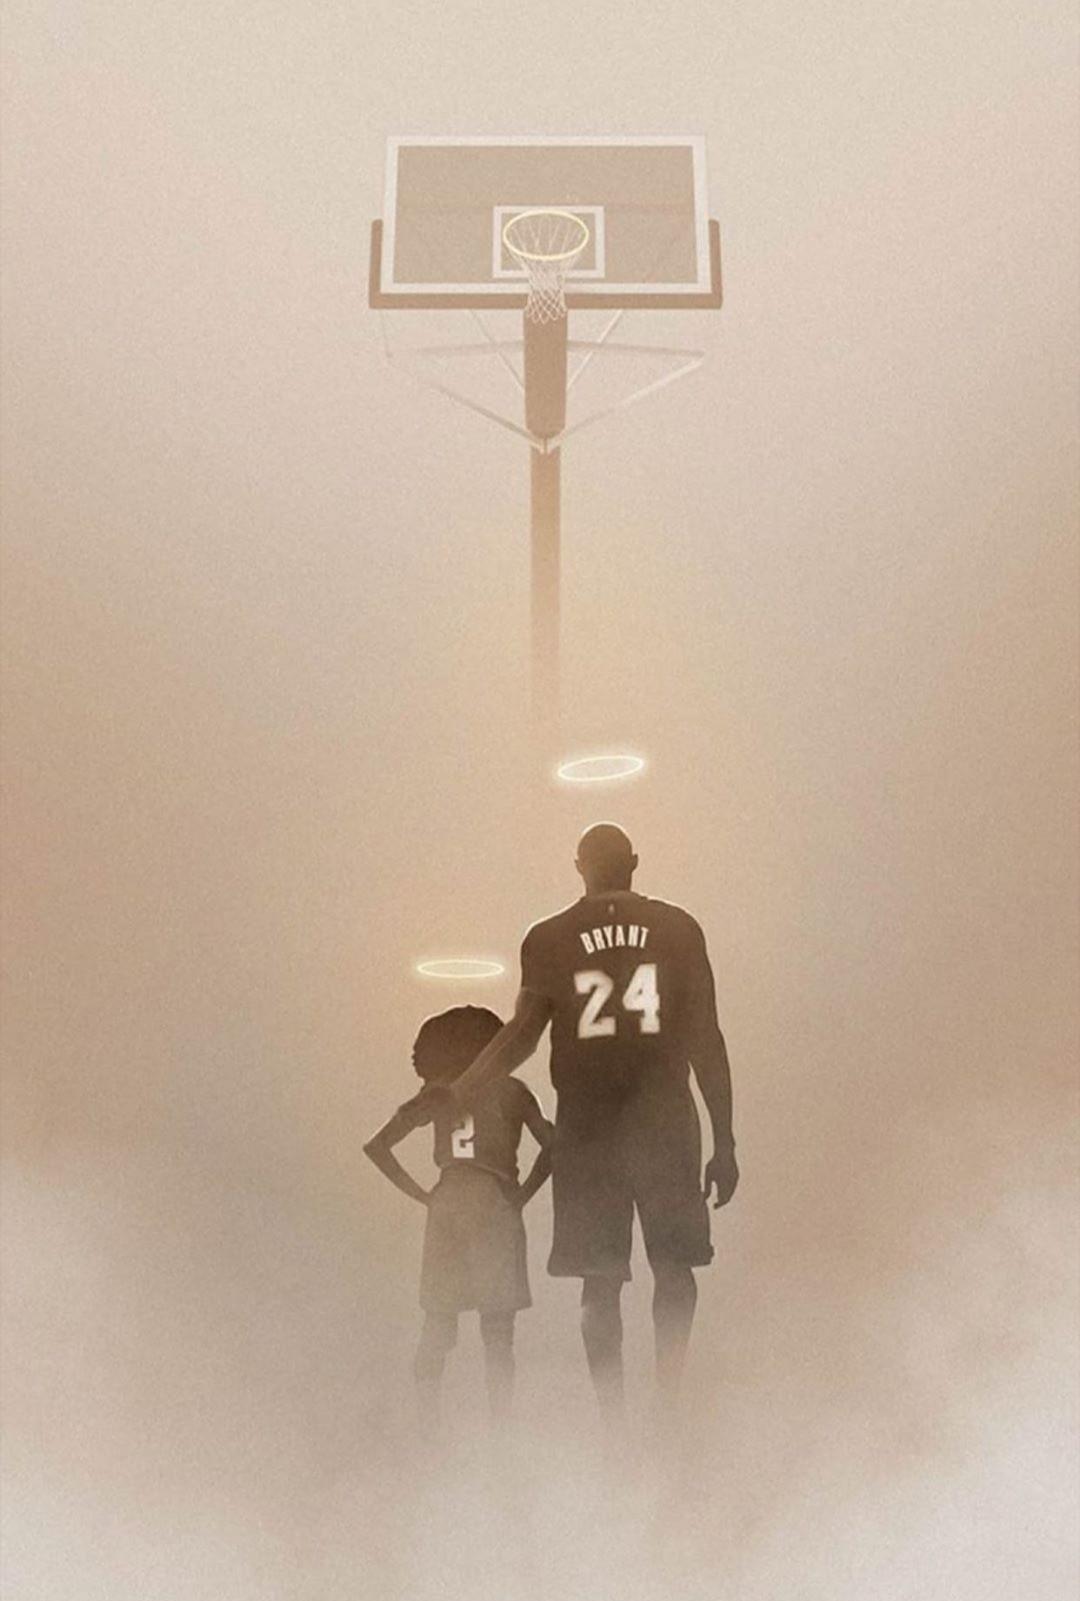 淚目!美國知名主持人分享與Kobe一段感人故事,難怪T-Mac也會這樣感慨!-籃球圈